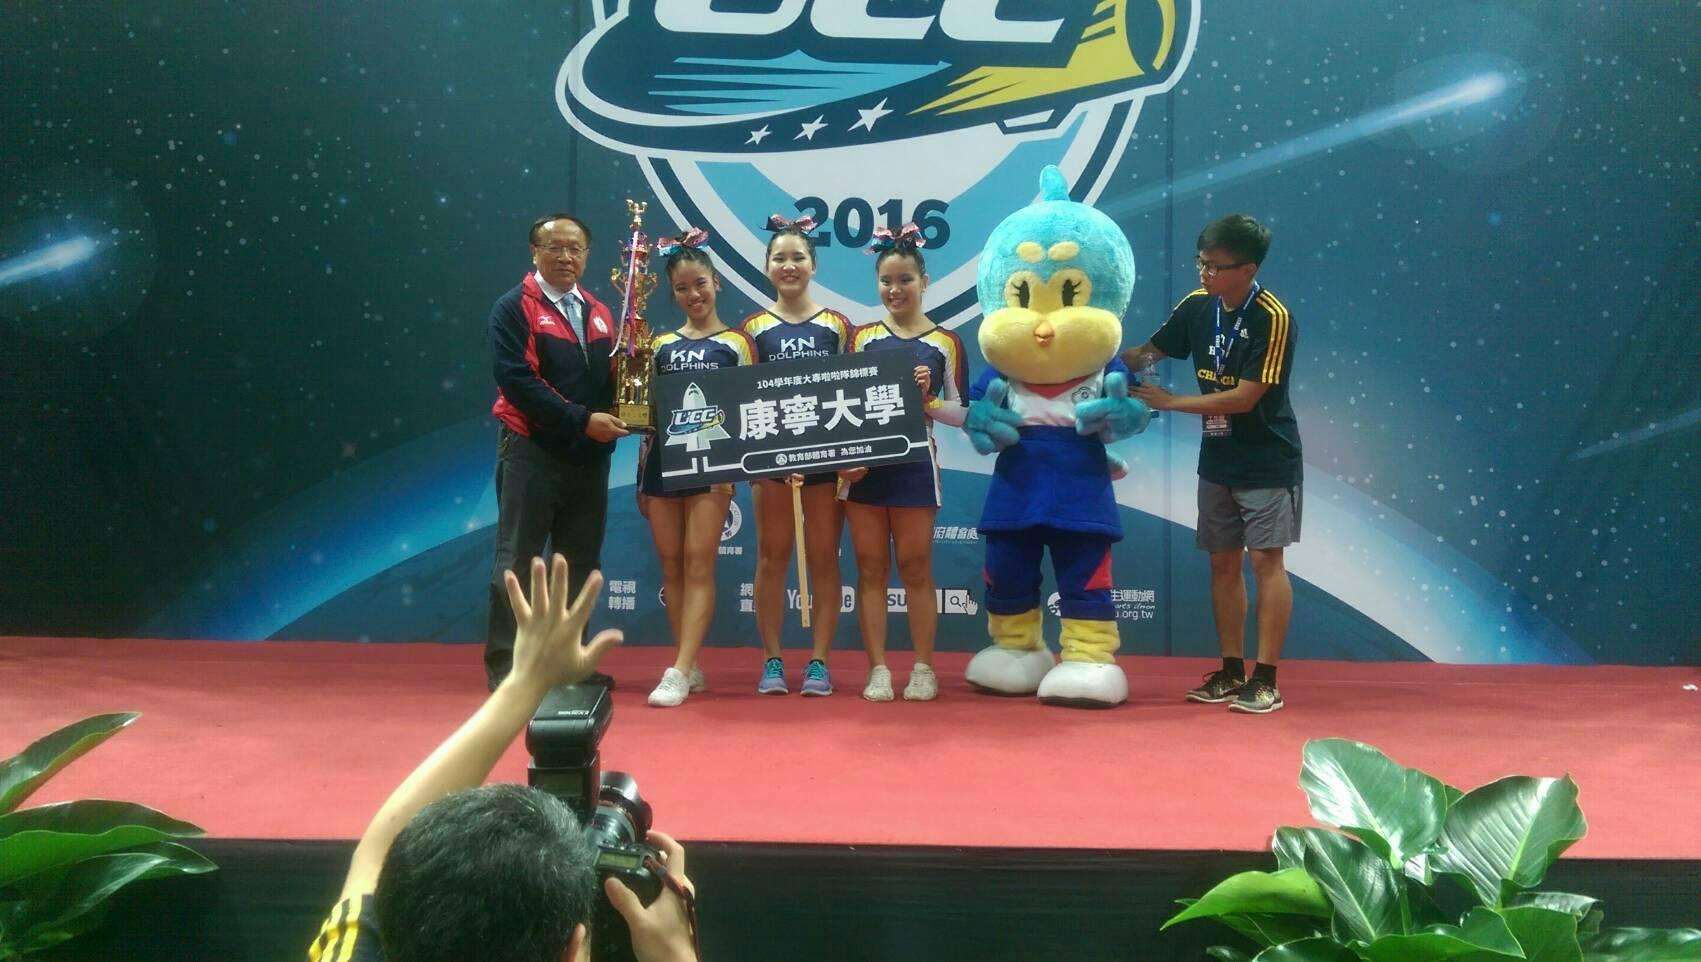 104學年度大專院校啦啦隊錦標賽女子五人組第二名